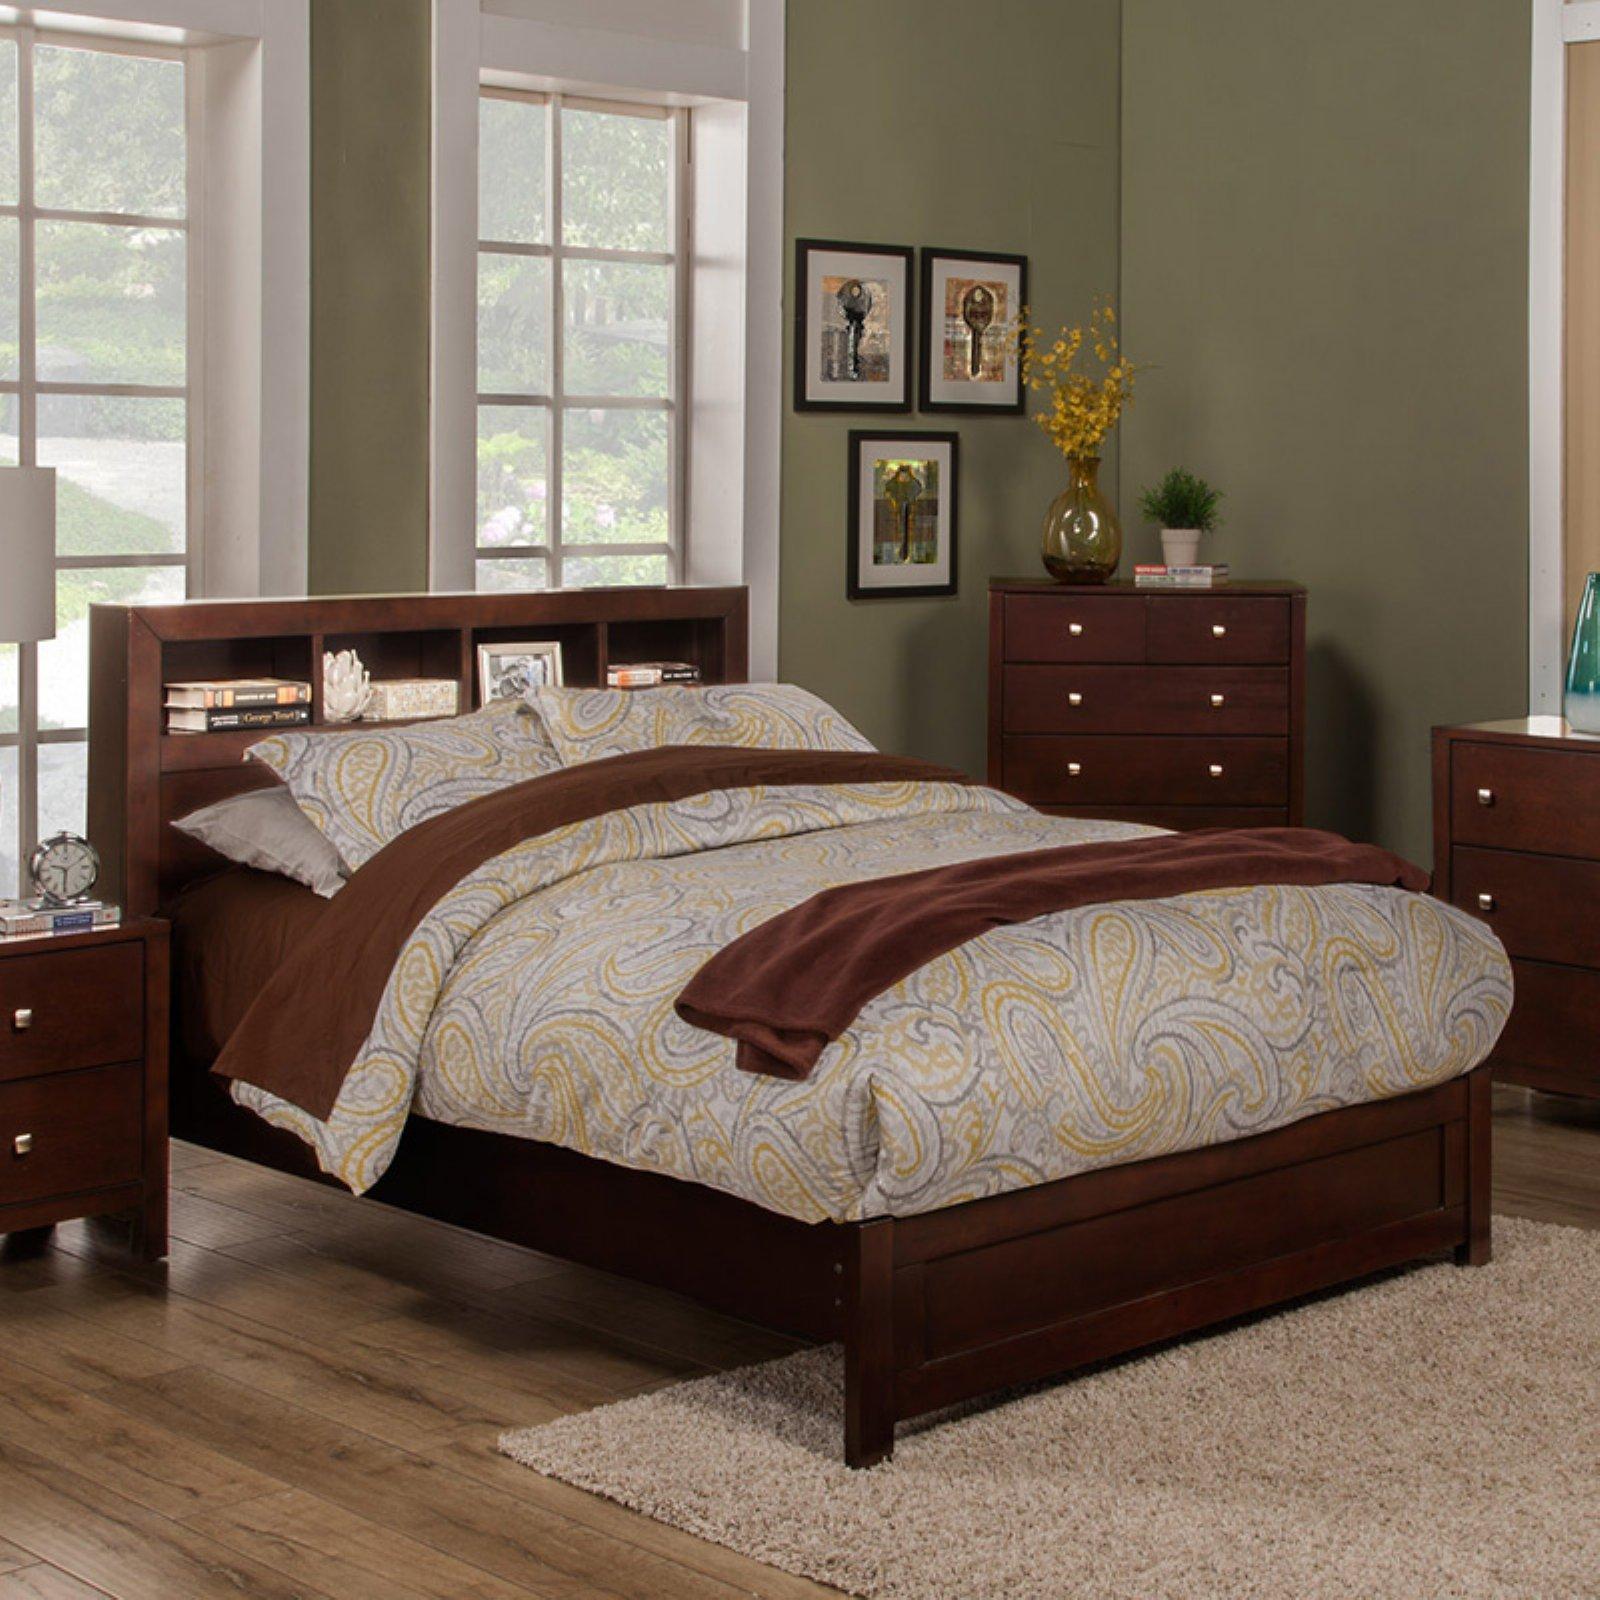 Alpine Furniture Solana Bookcase Platform Bed, Size Queen